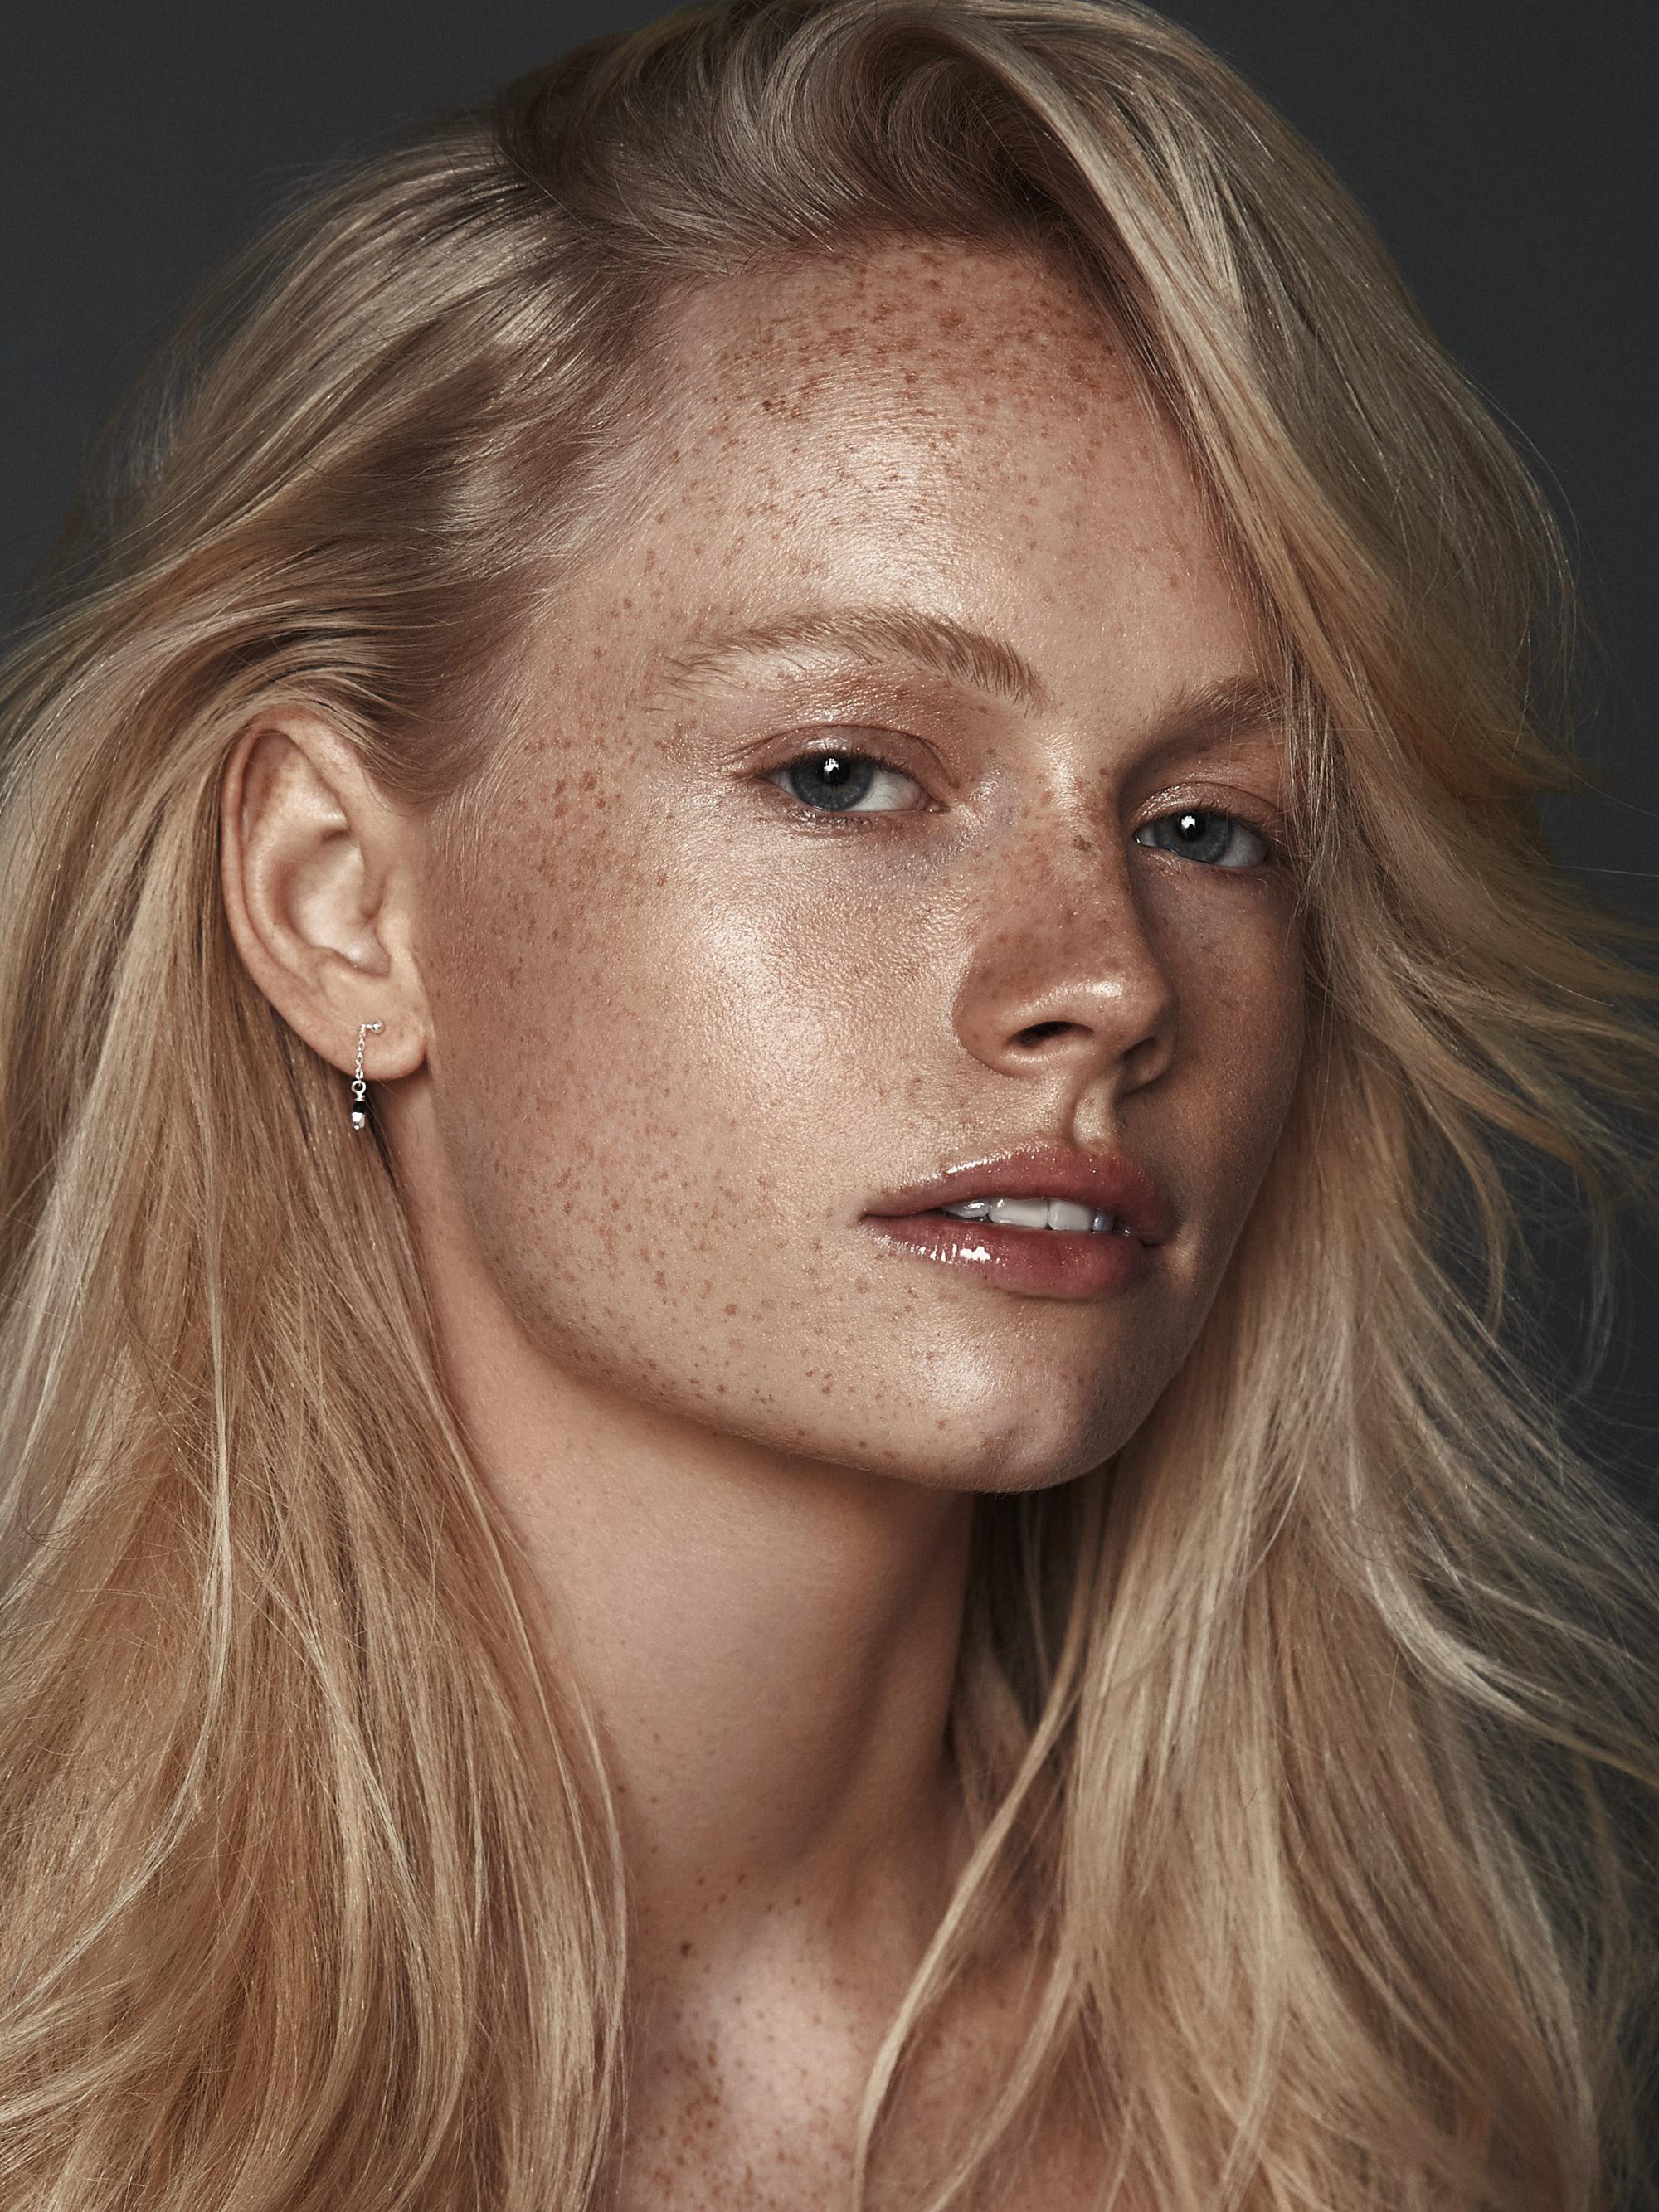 Elle Mcnamara Beauty Photography.jpg